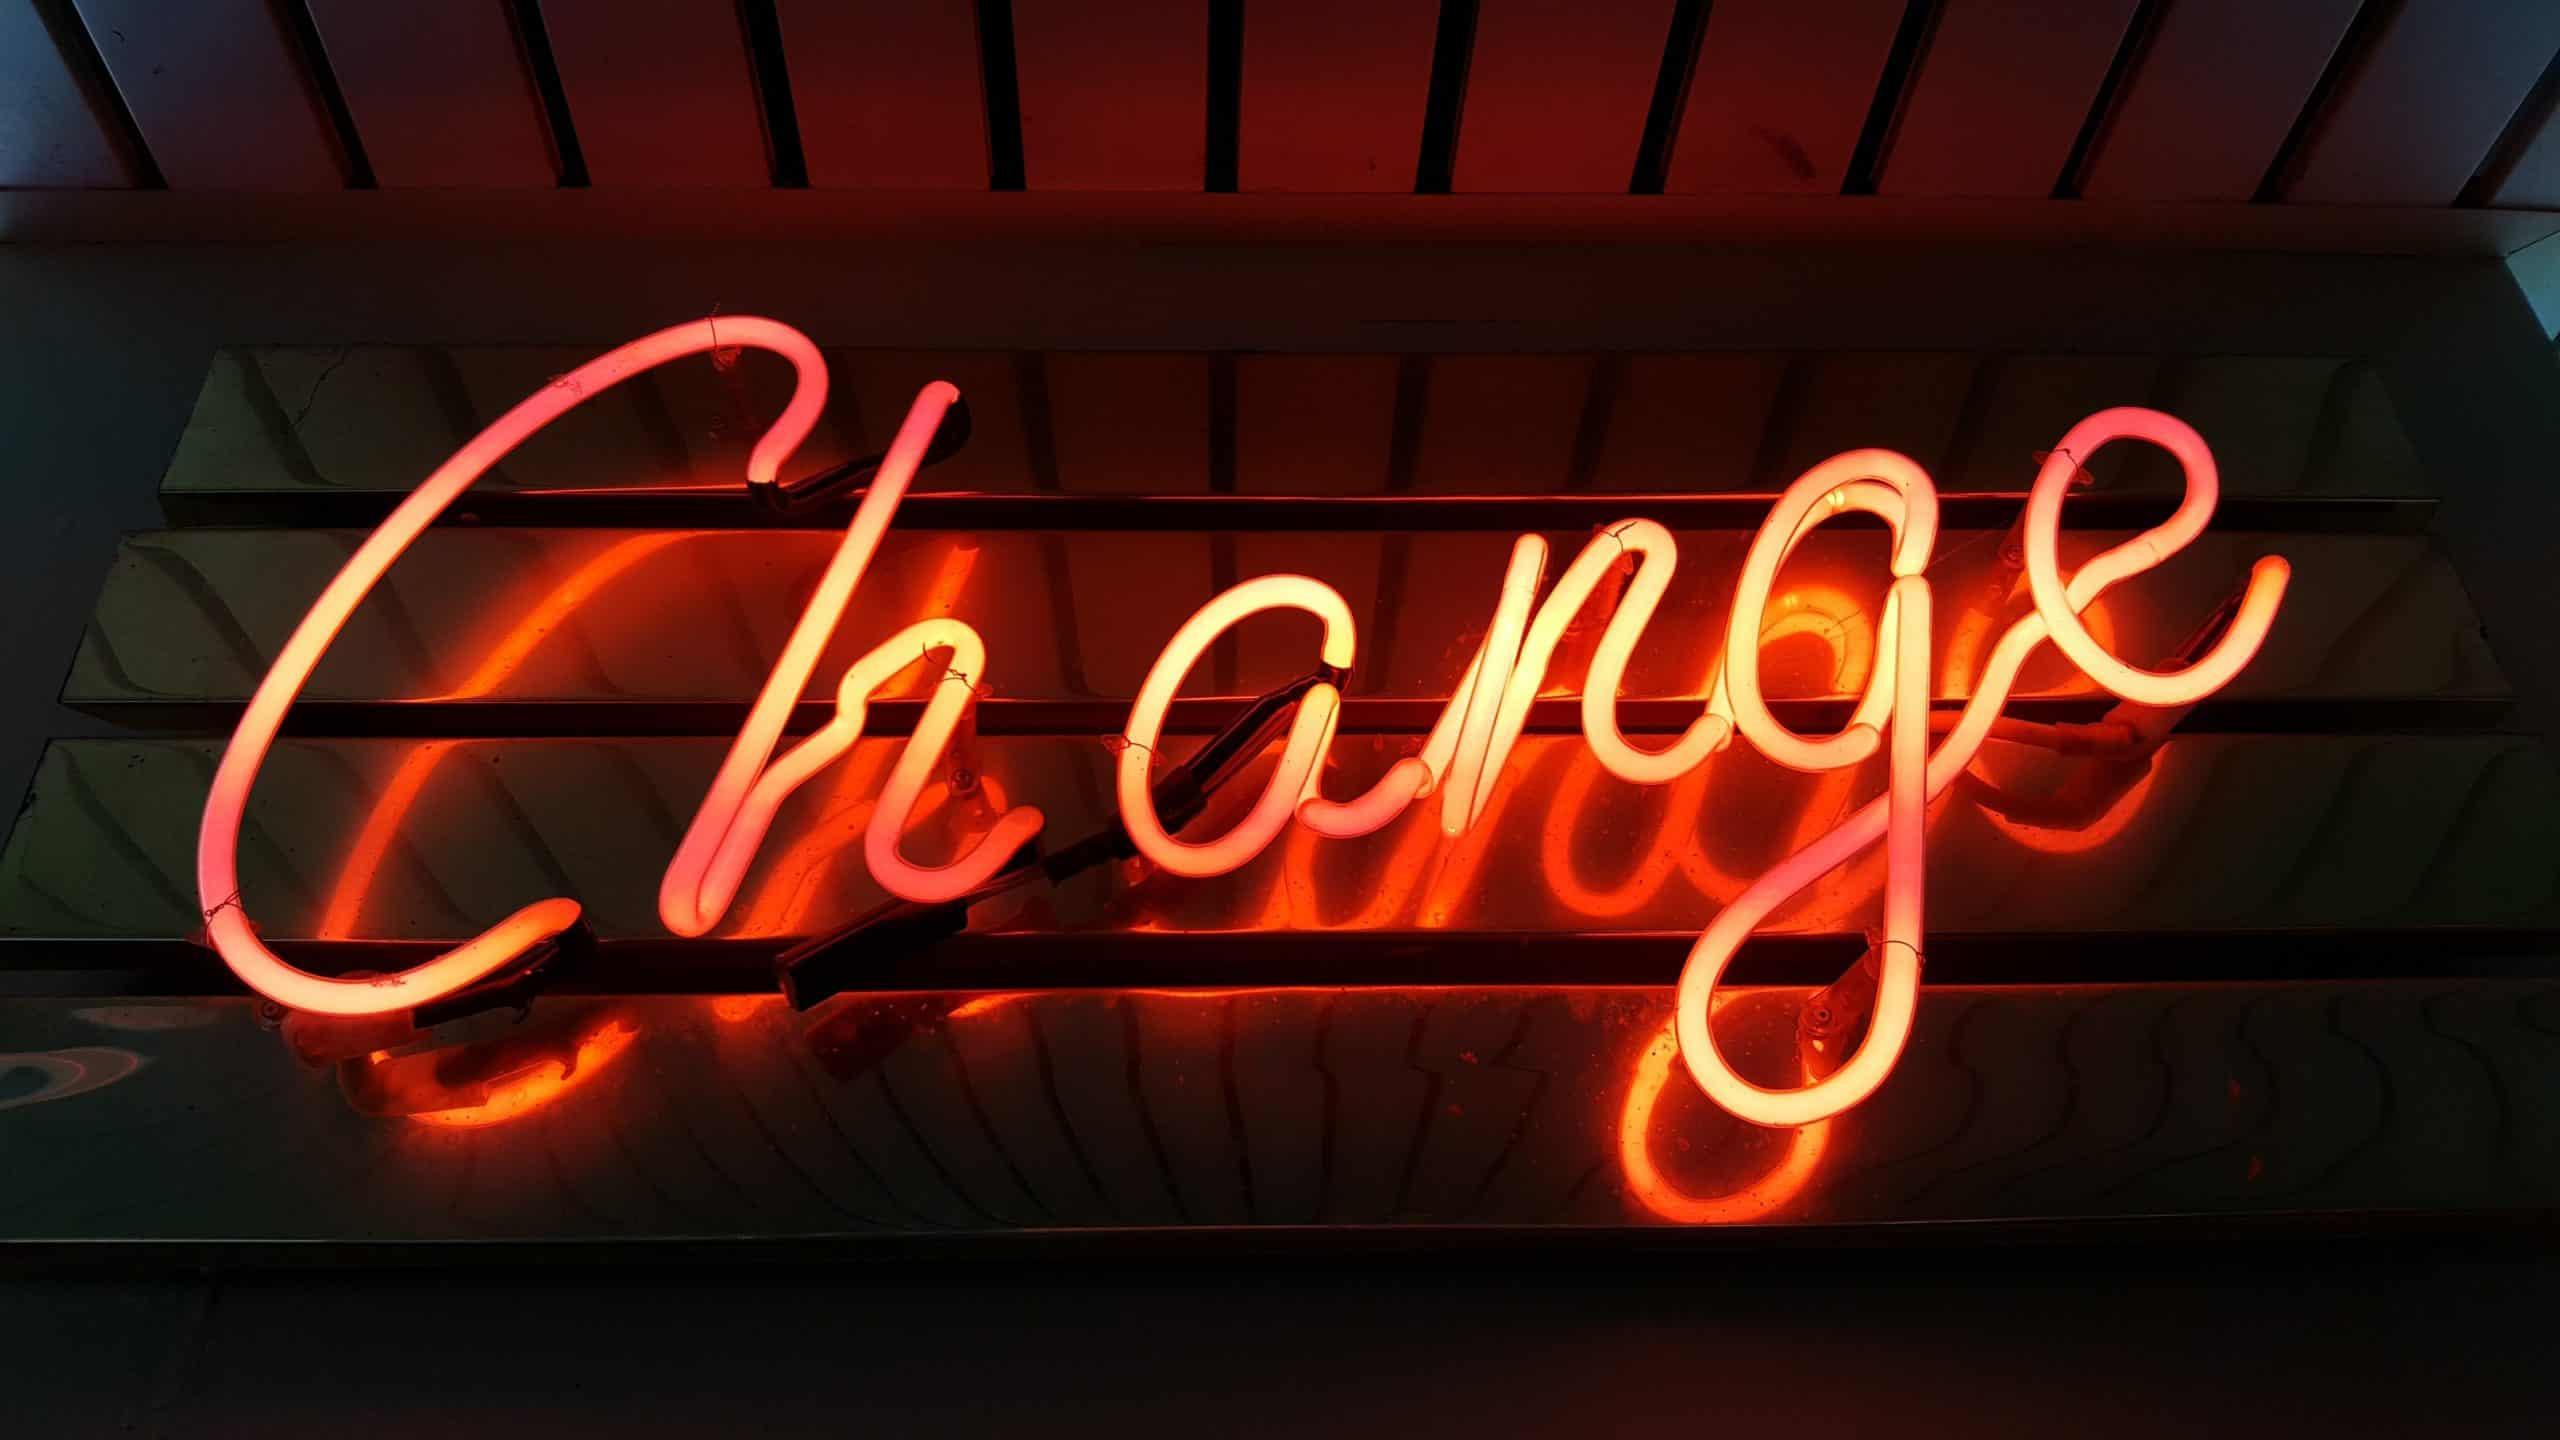 7 Simple Ways to Change the World via @trevorlund